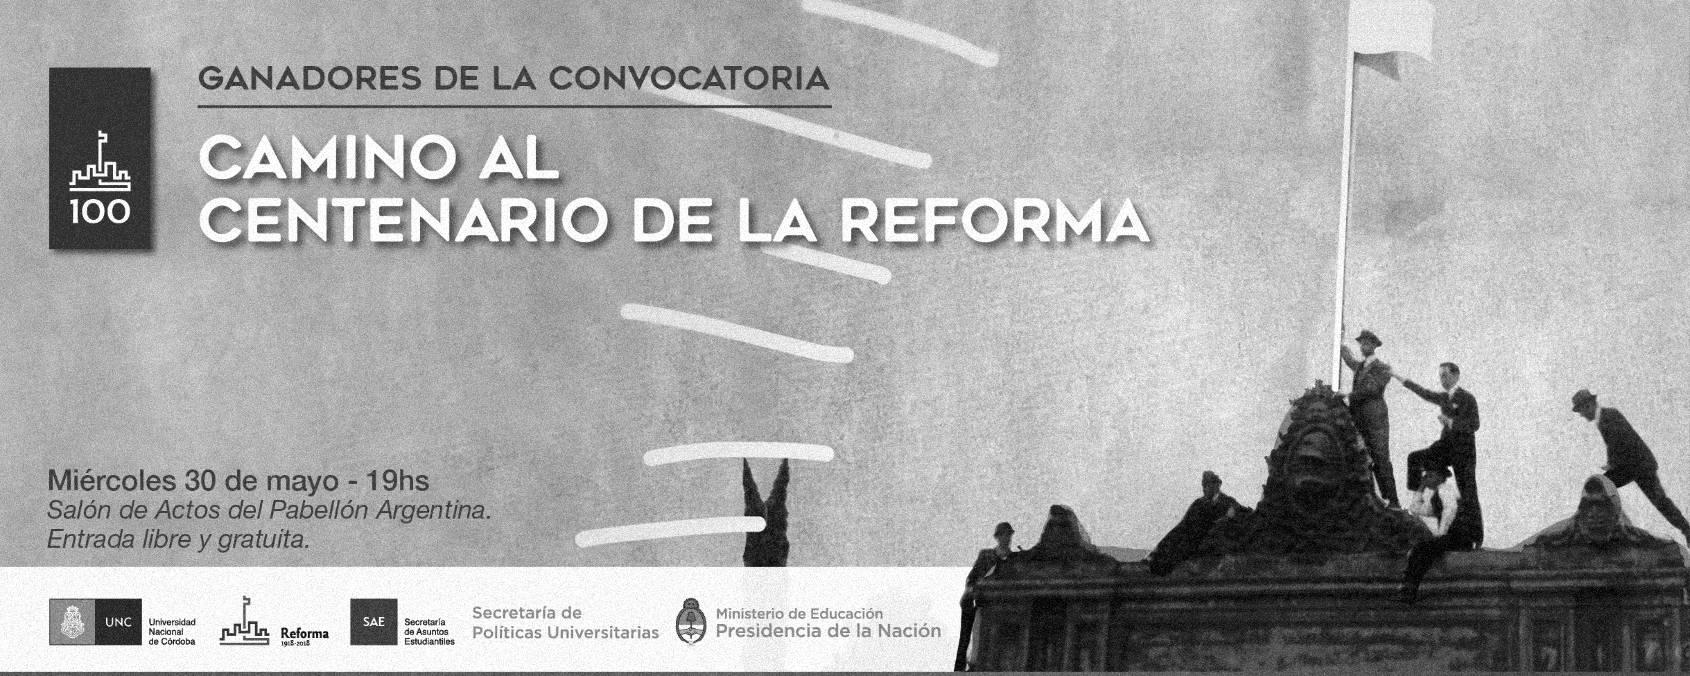 """¡Estrenan los proyectos de producción audiovisual ganadores de la convocatoria """"Camino al centenario dela Reforma""""!"""